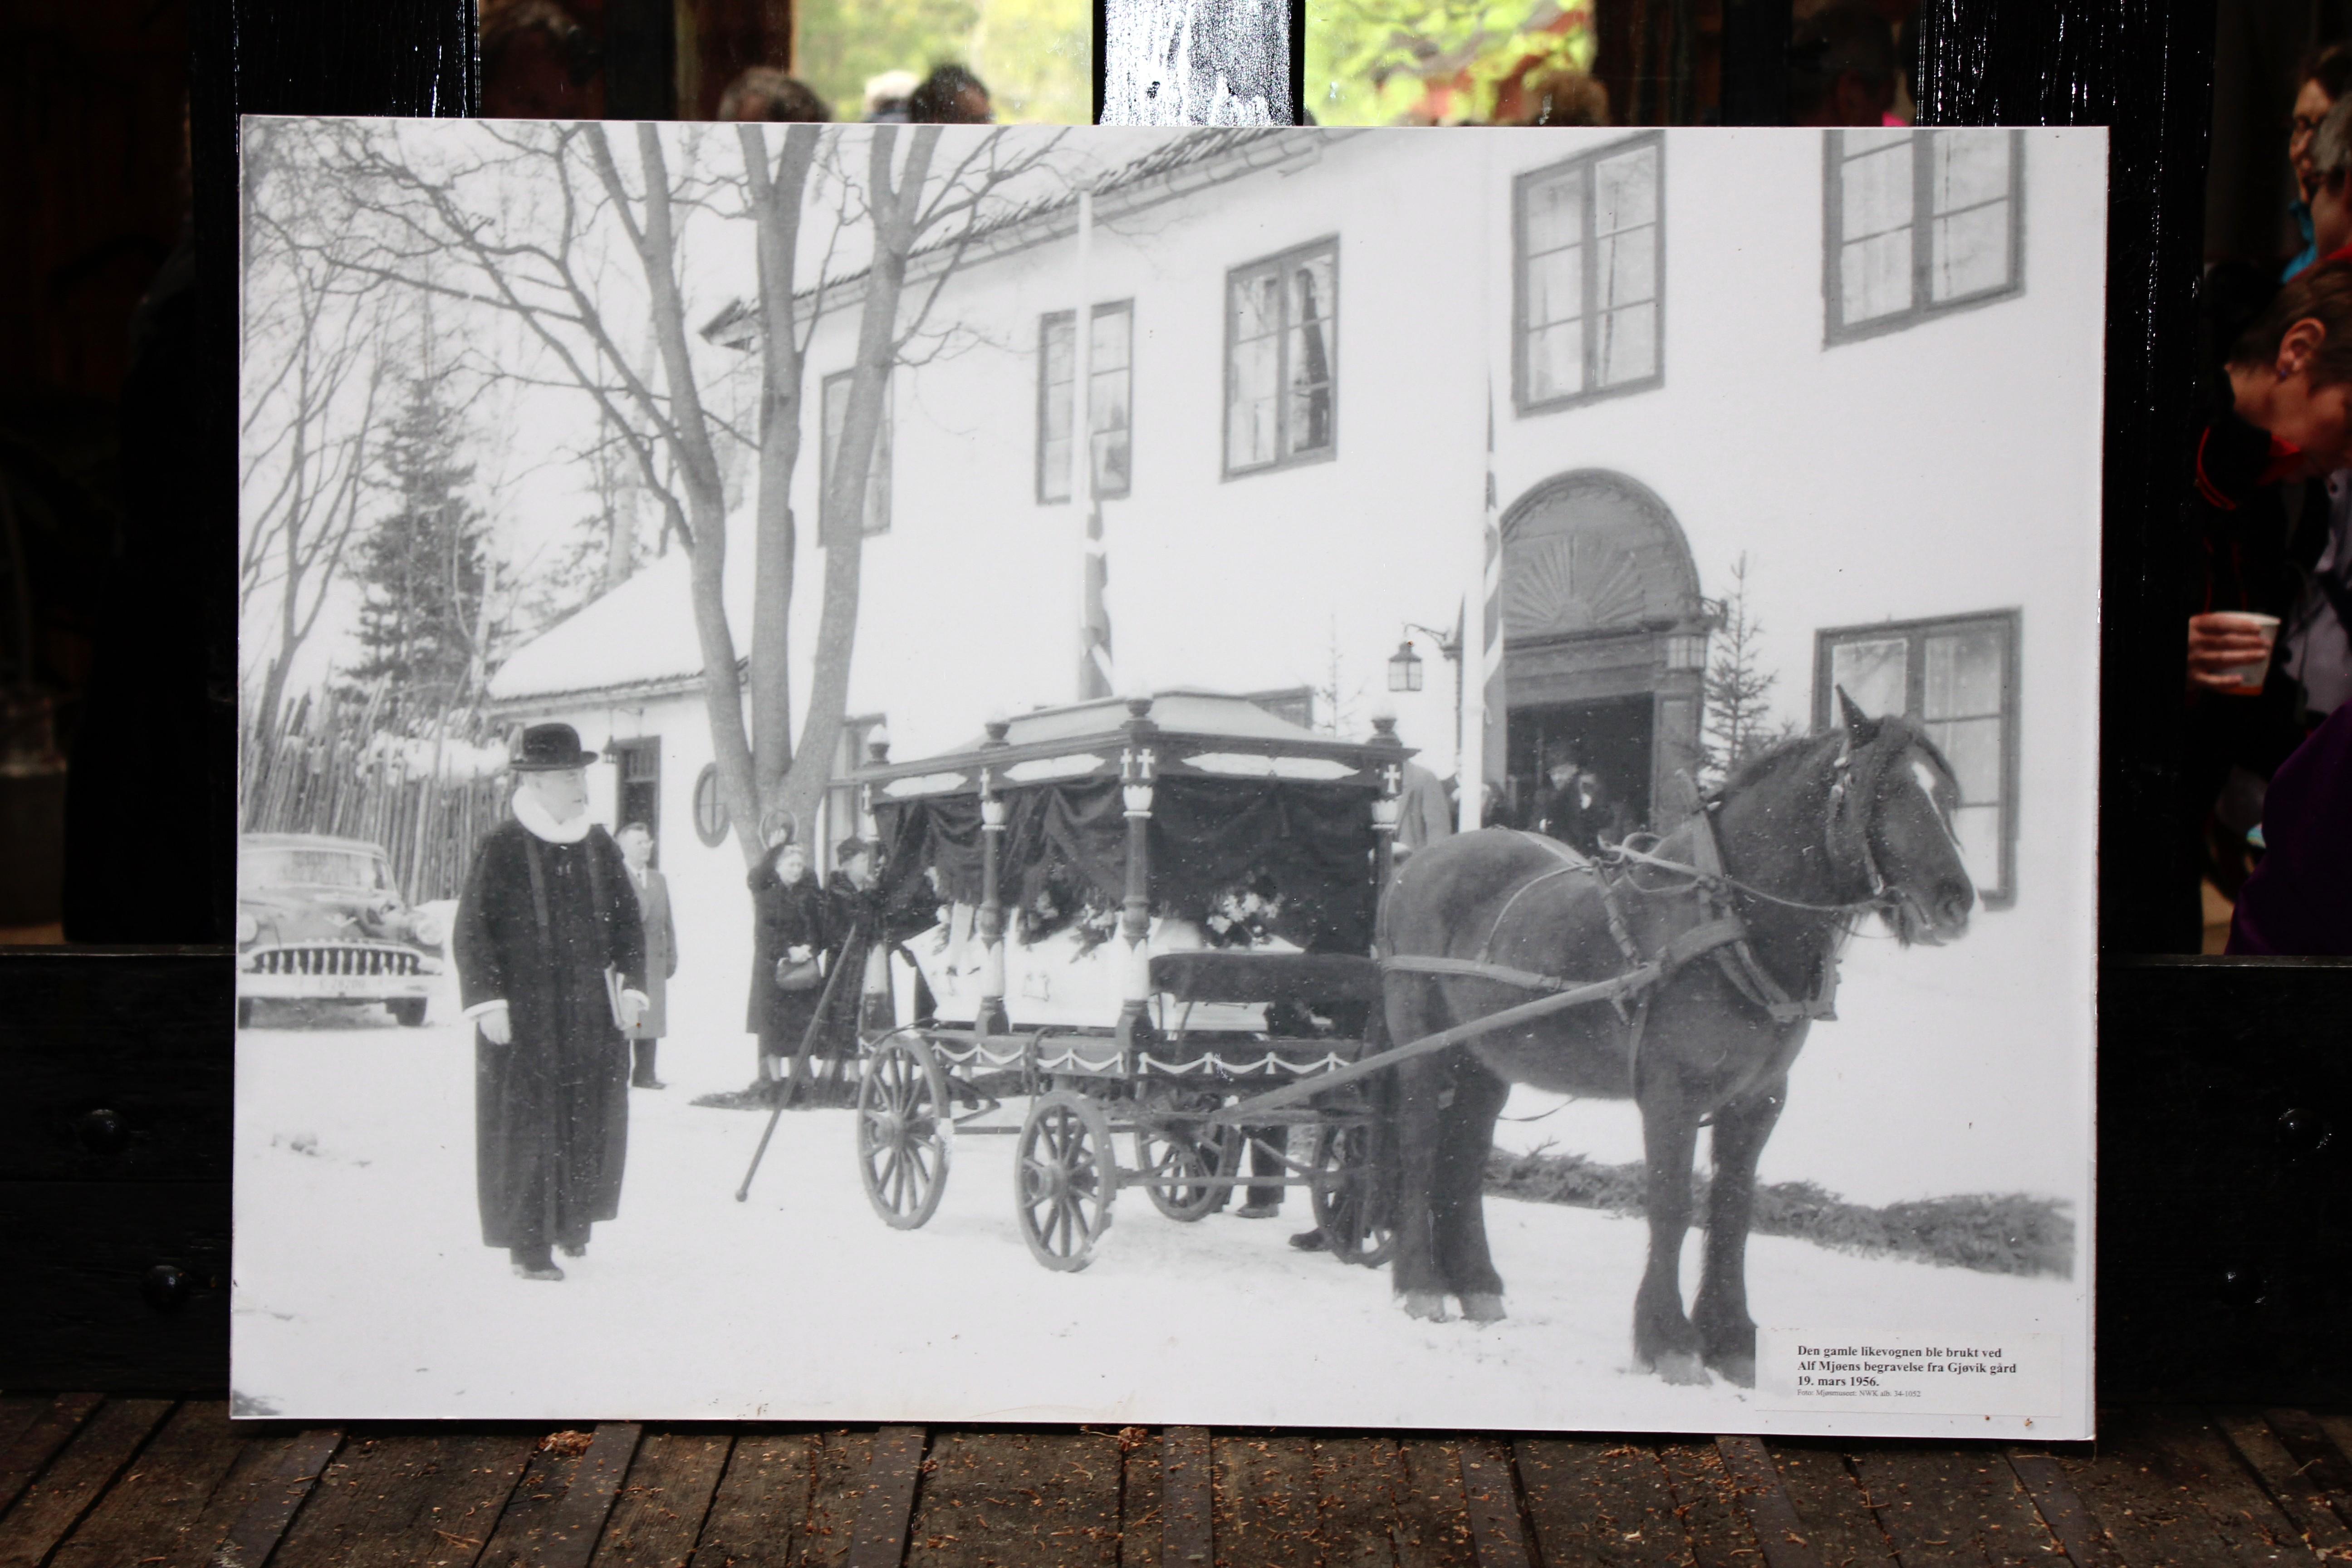 File:Alf Mjøens begravelse fra Gjøvik gård.JPG - Wikimedia Commons